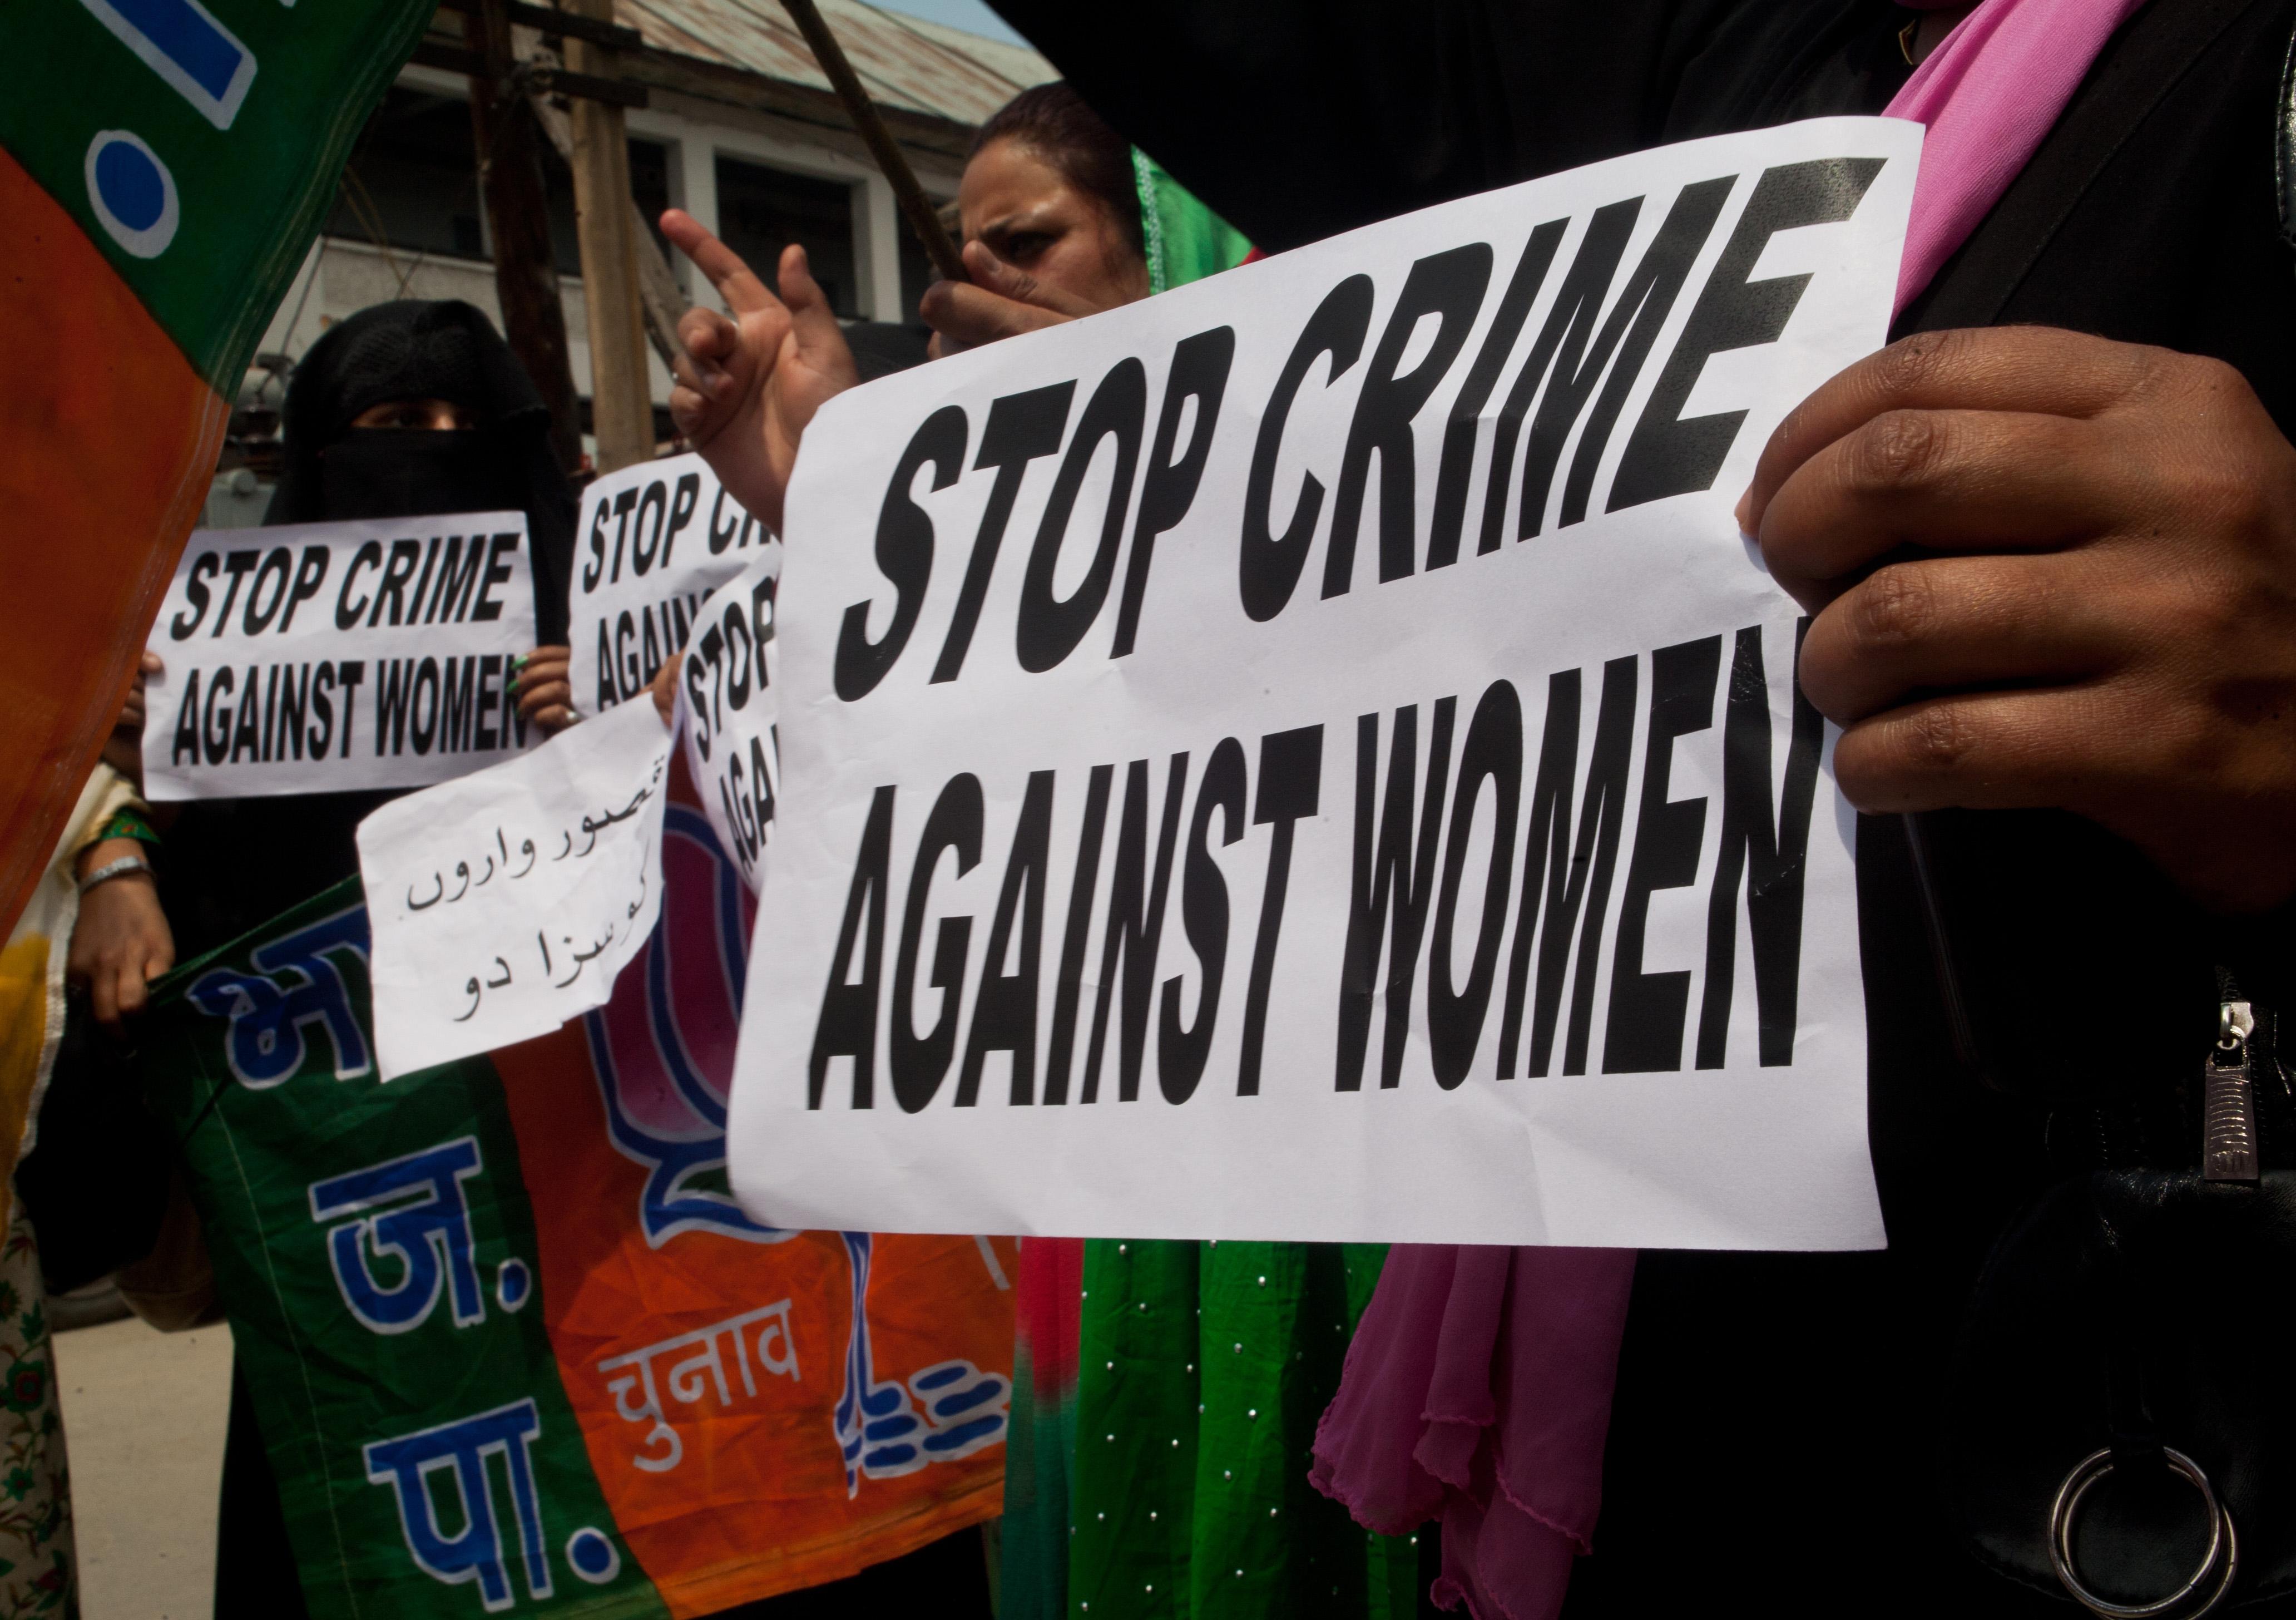 Dezvaluirile uimitoare ale unei adolescente din India, care a fost violata, impuscata si abandonata intr-un put de 3 barbati